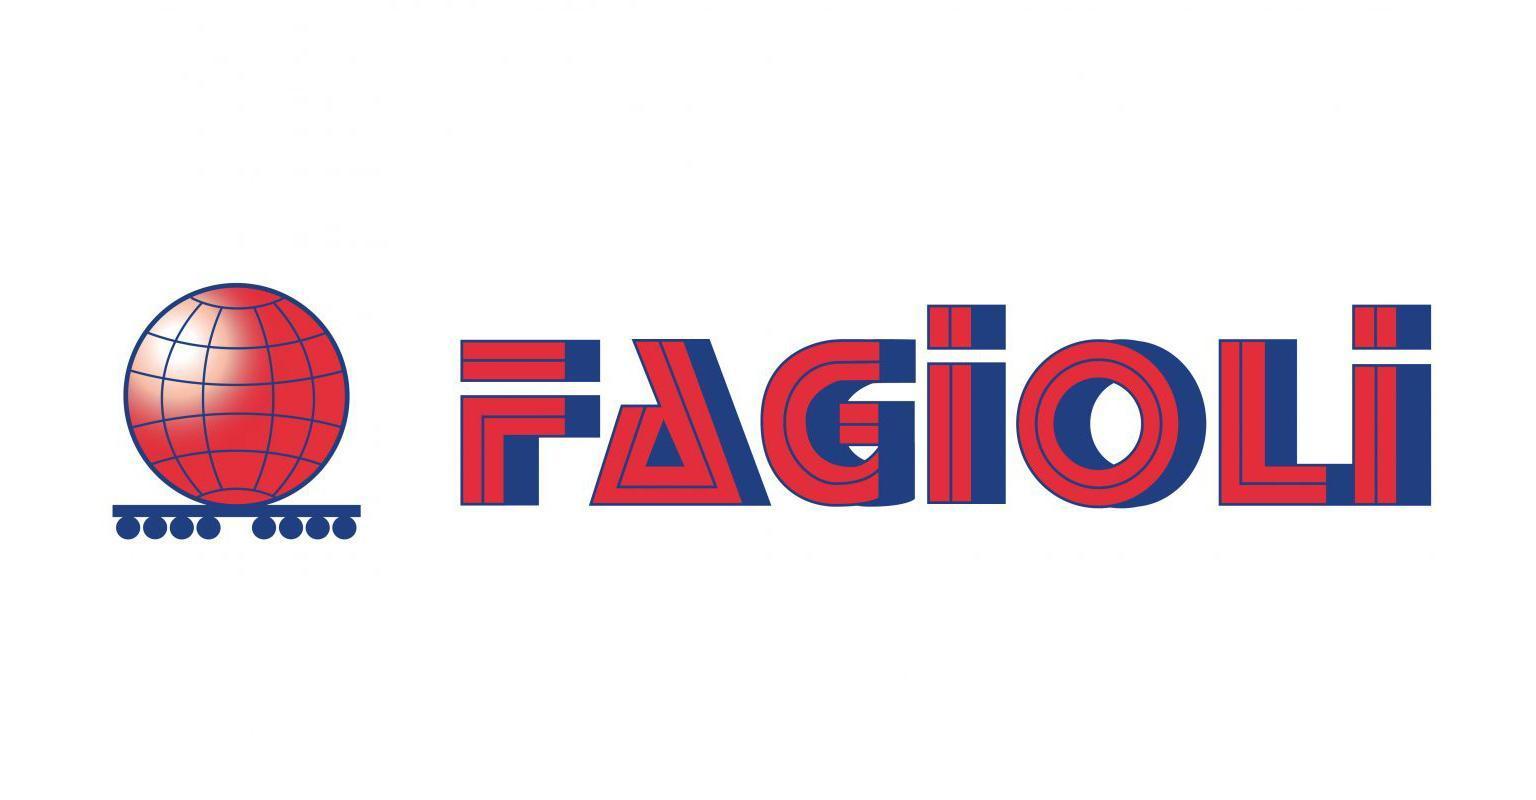 Fagioli company logo